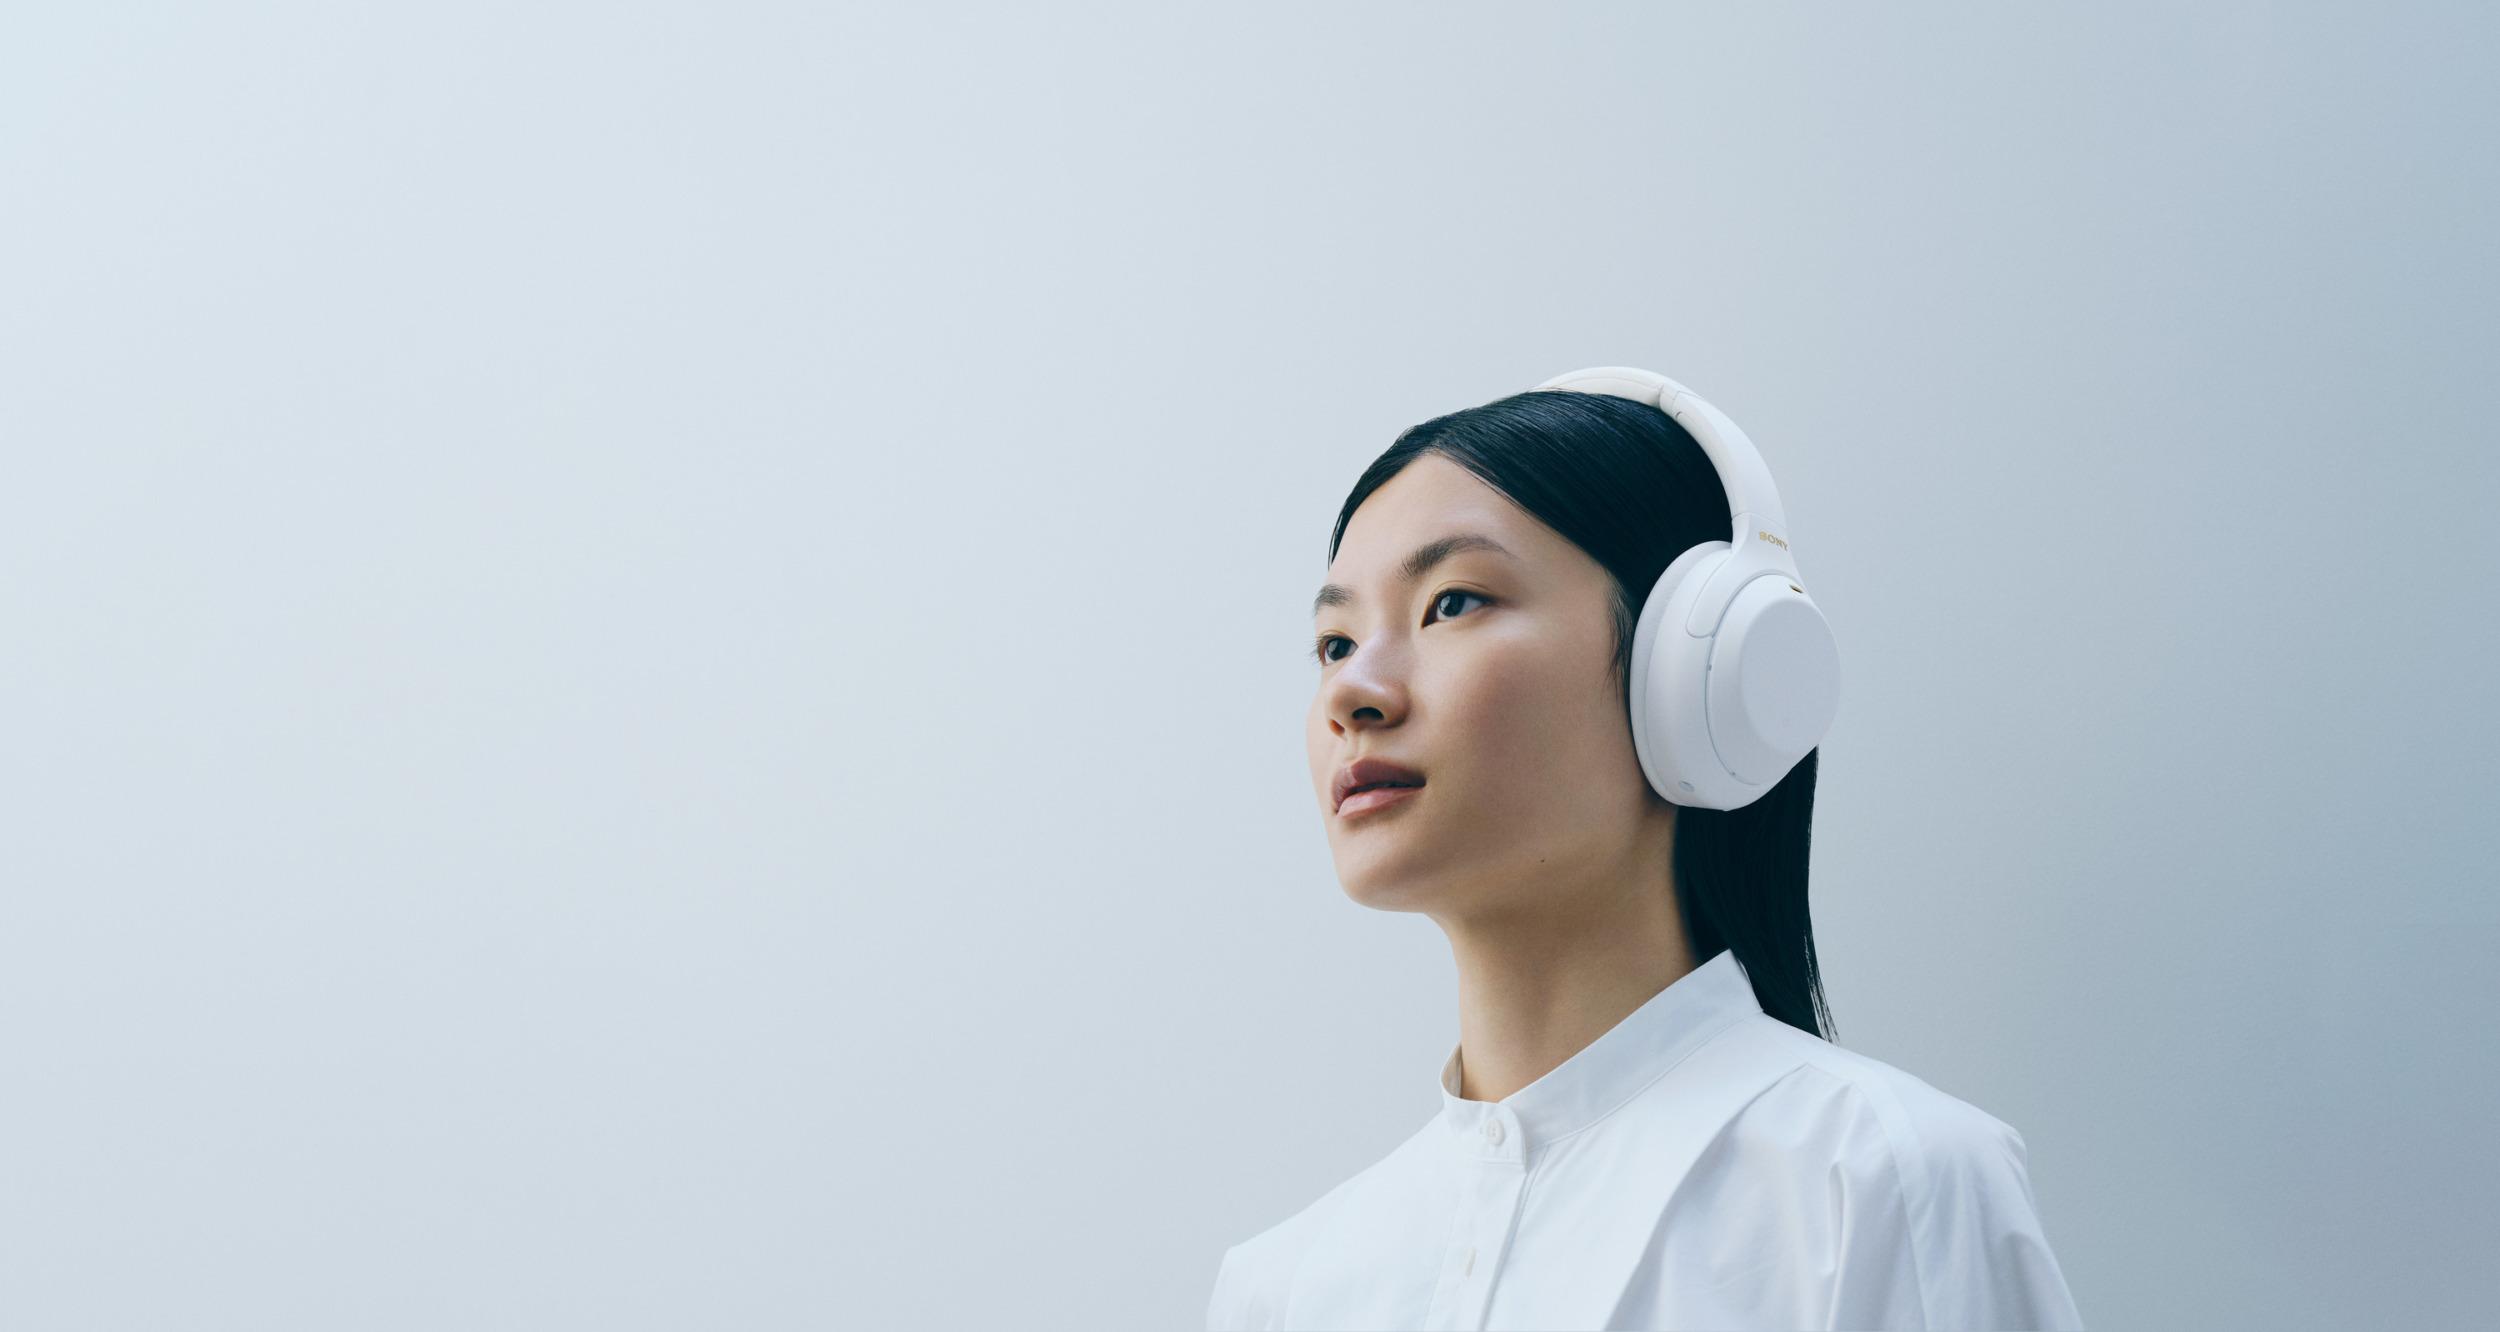 Společnost SONY uvádí na trh novou limitovanou edici bezdrátových sluchátek Silent White